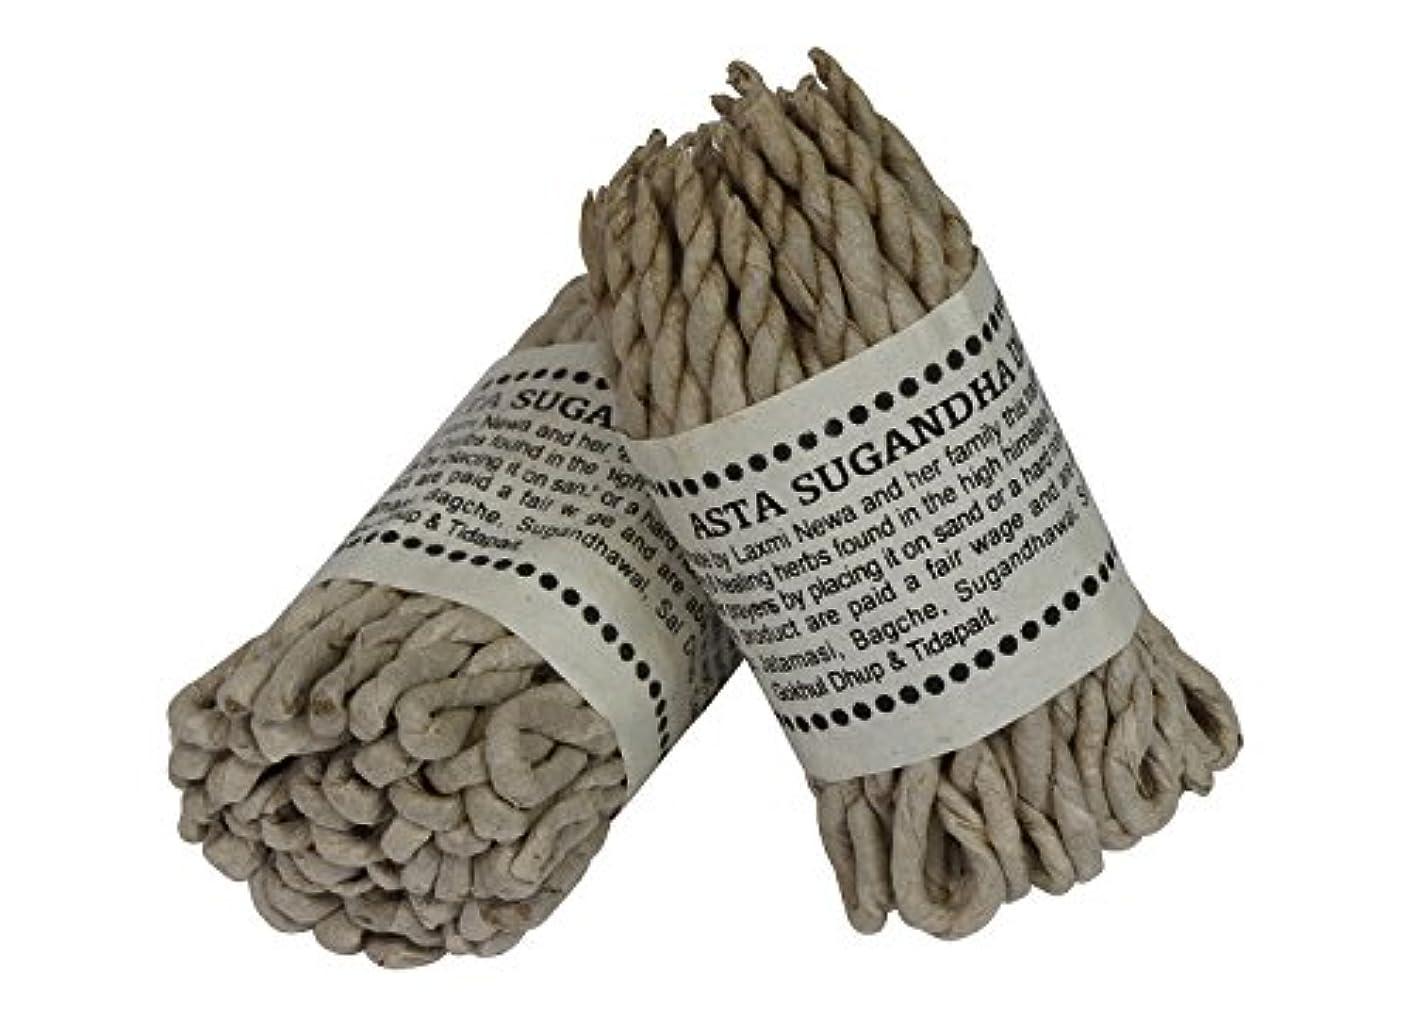 発表するメロドラマティック類似性ネパール語Rope Incense with有機ハーブハンドメイドネパールからのバンドル2 ( 2 )